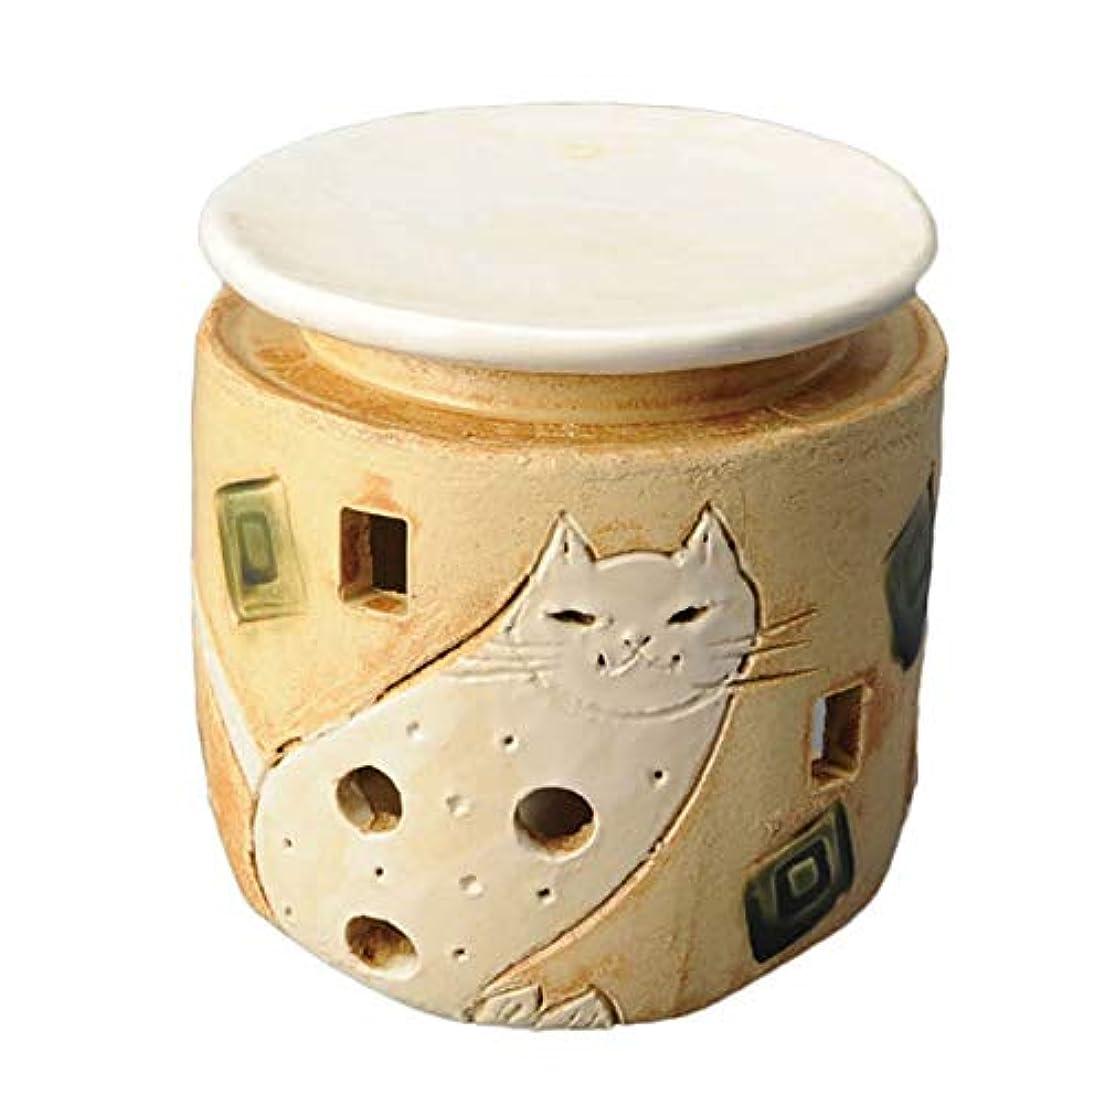 手造り 茶香炉/白猫 茶香炉/アロマ 癒やし リラックス インテリア 間接照明